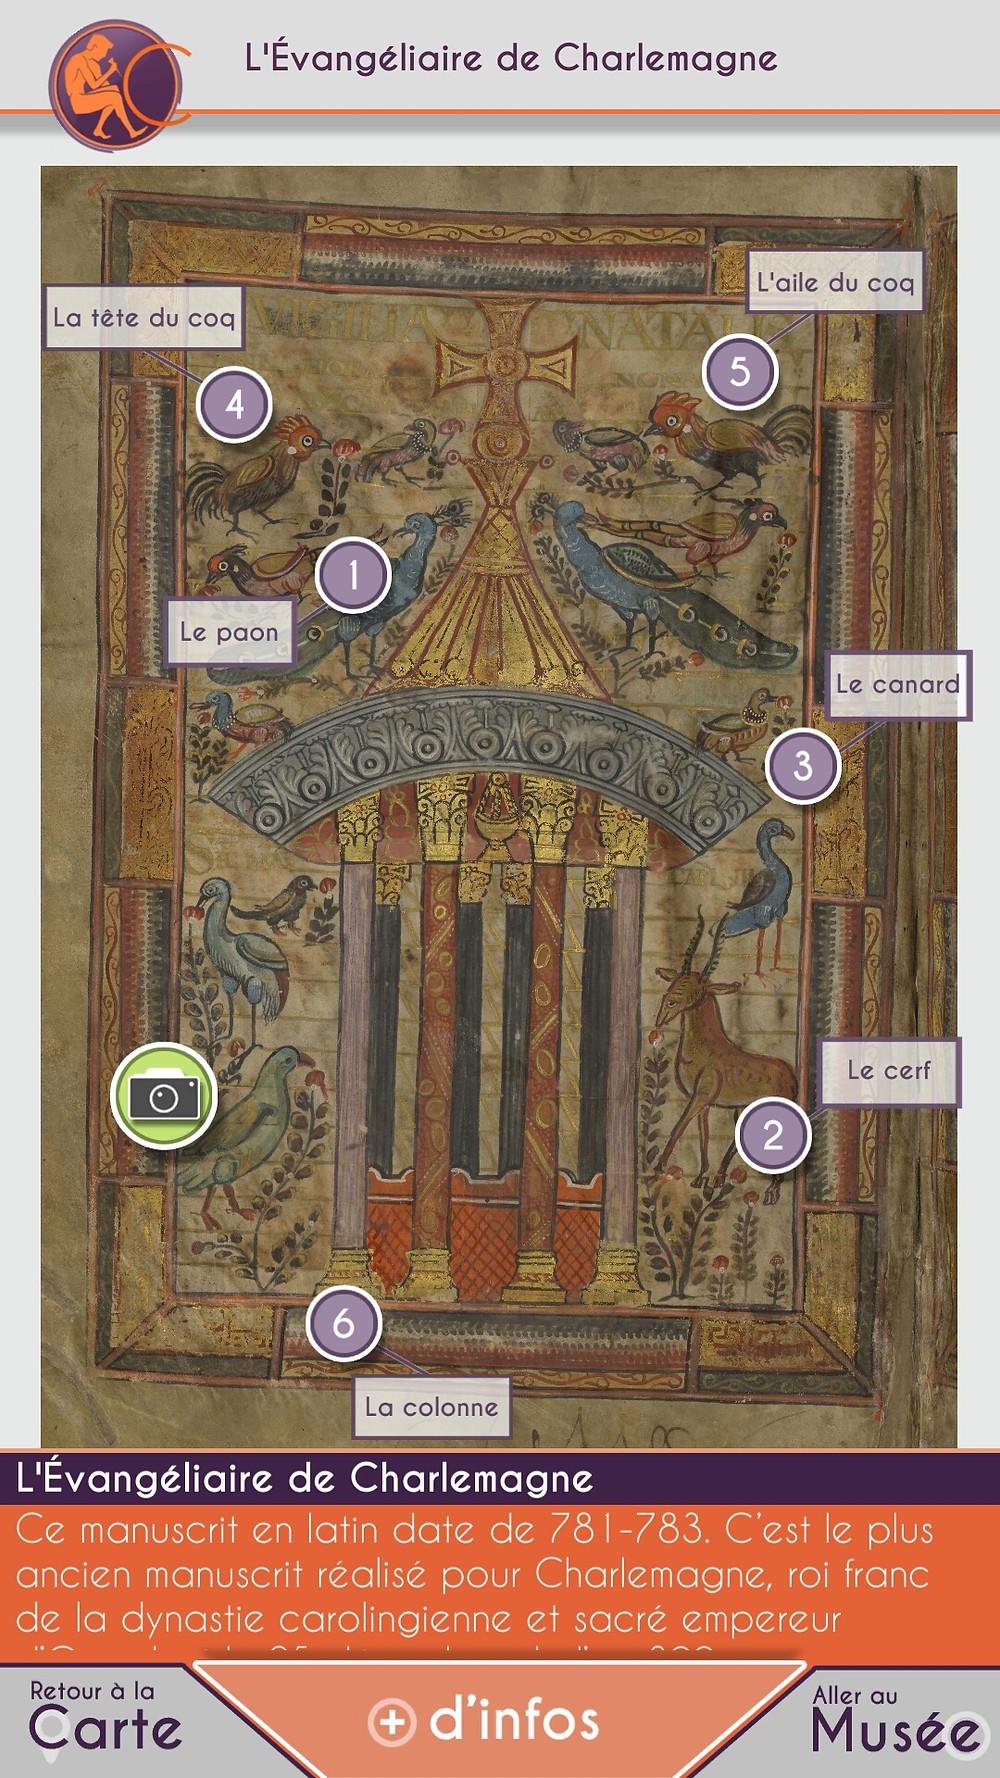 Capture d'écran de la micro-visite virtuelle de l'Évangéliaire de Charlemagne proposée par CulturMoov, application CulturMoov.Paris